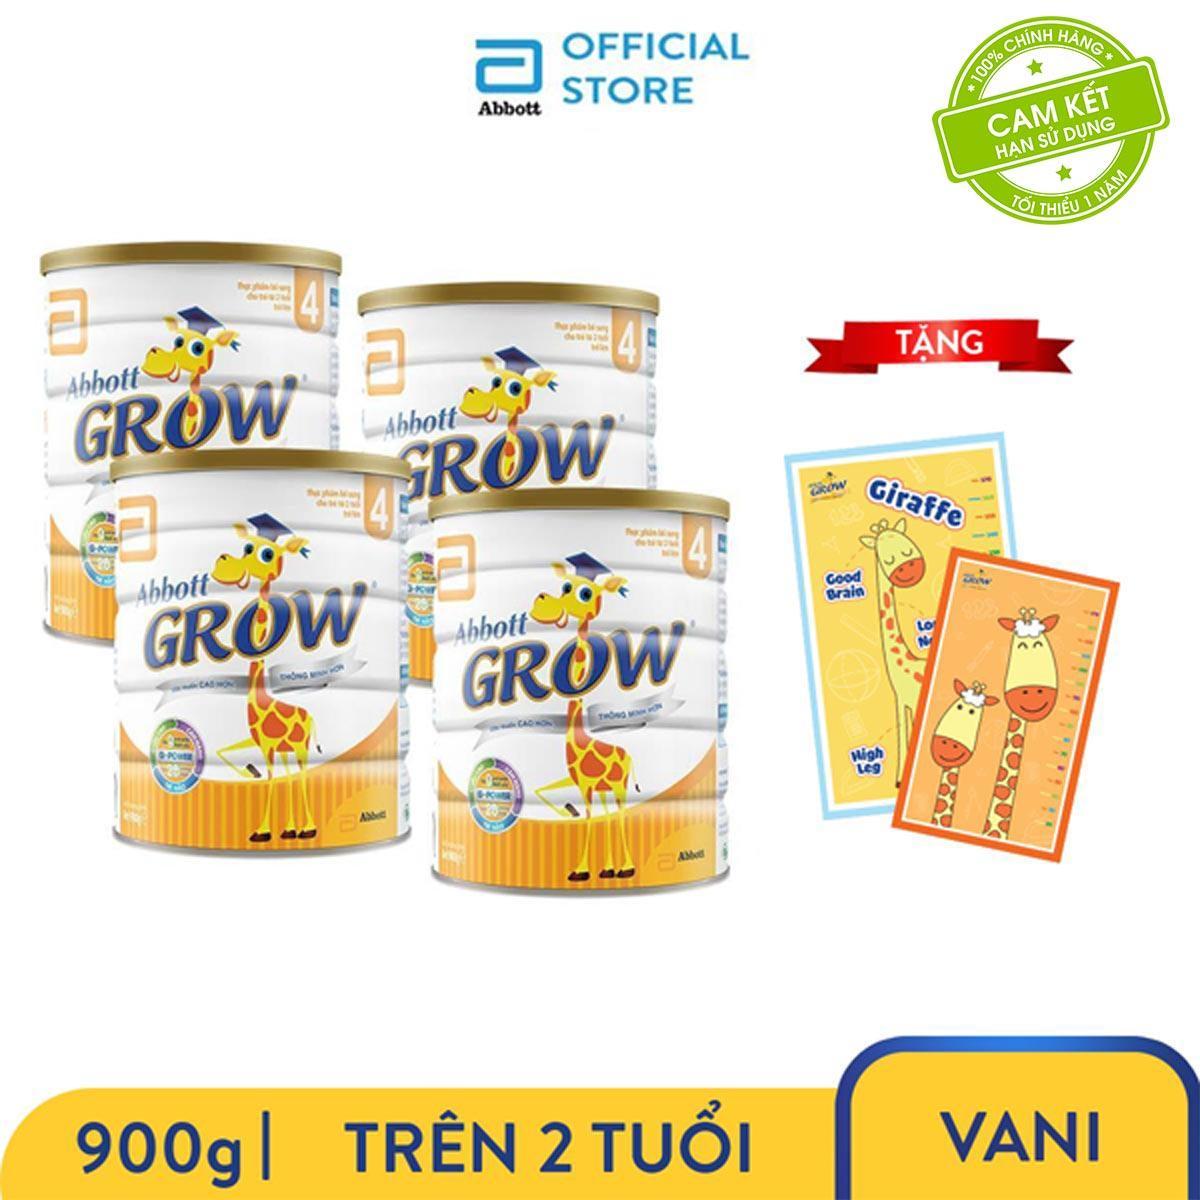 Bộ 4 Lon Sữa Bột Grow 4 900g Tặng Thảm Nằm Chơi Cho Bé Kích Thước (1.2x1.5)m Trị Giá 150.000đ Giá Rẻ Bất Ngờ